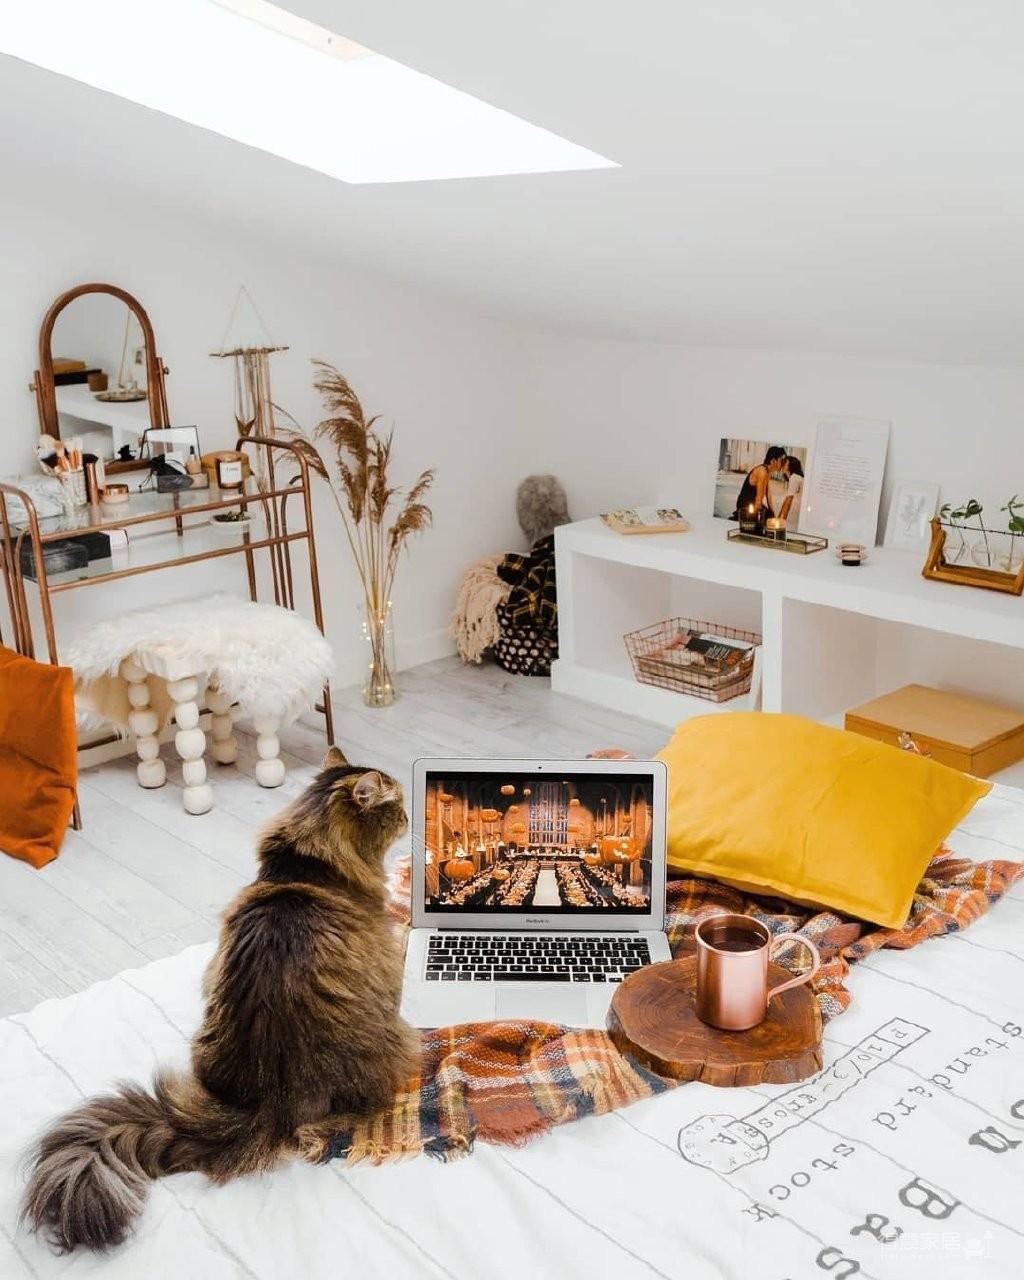 理想的生活:一人一猫一屋图_5